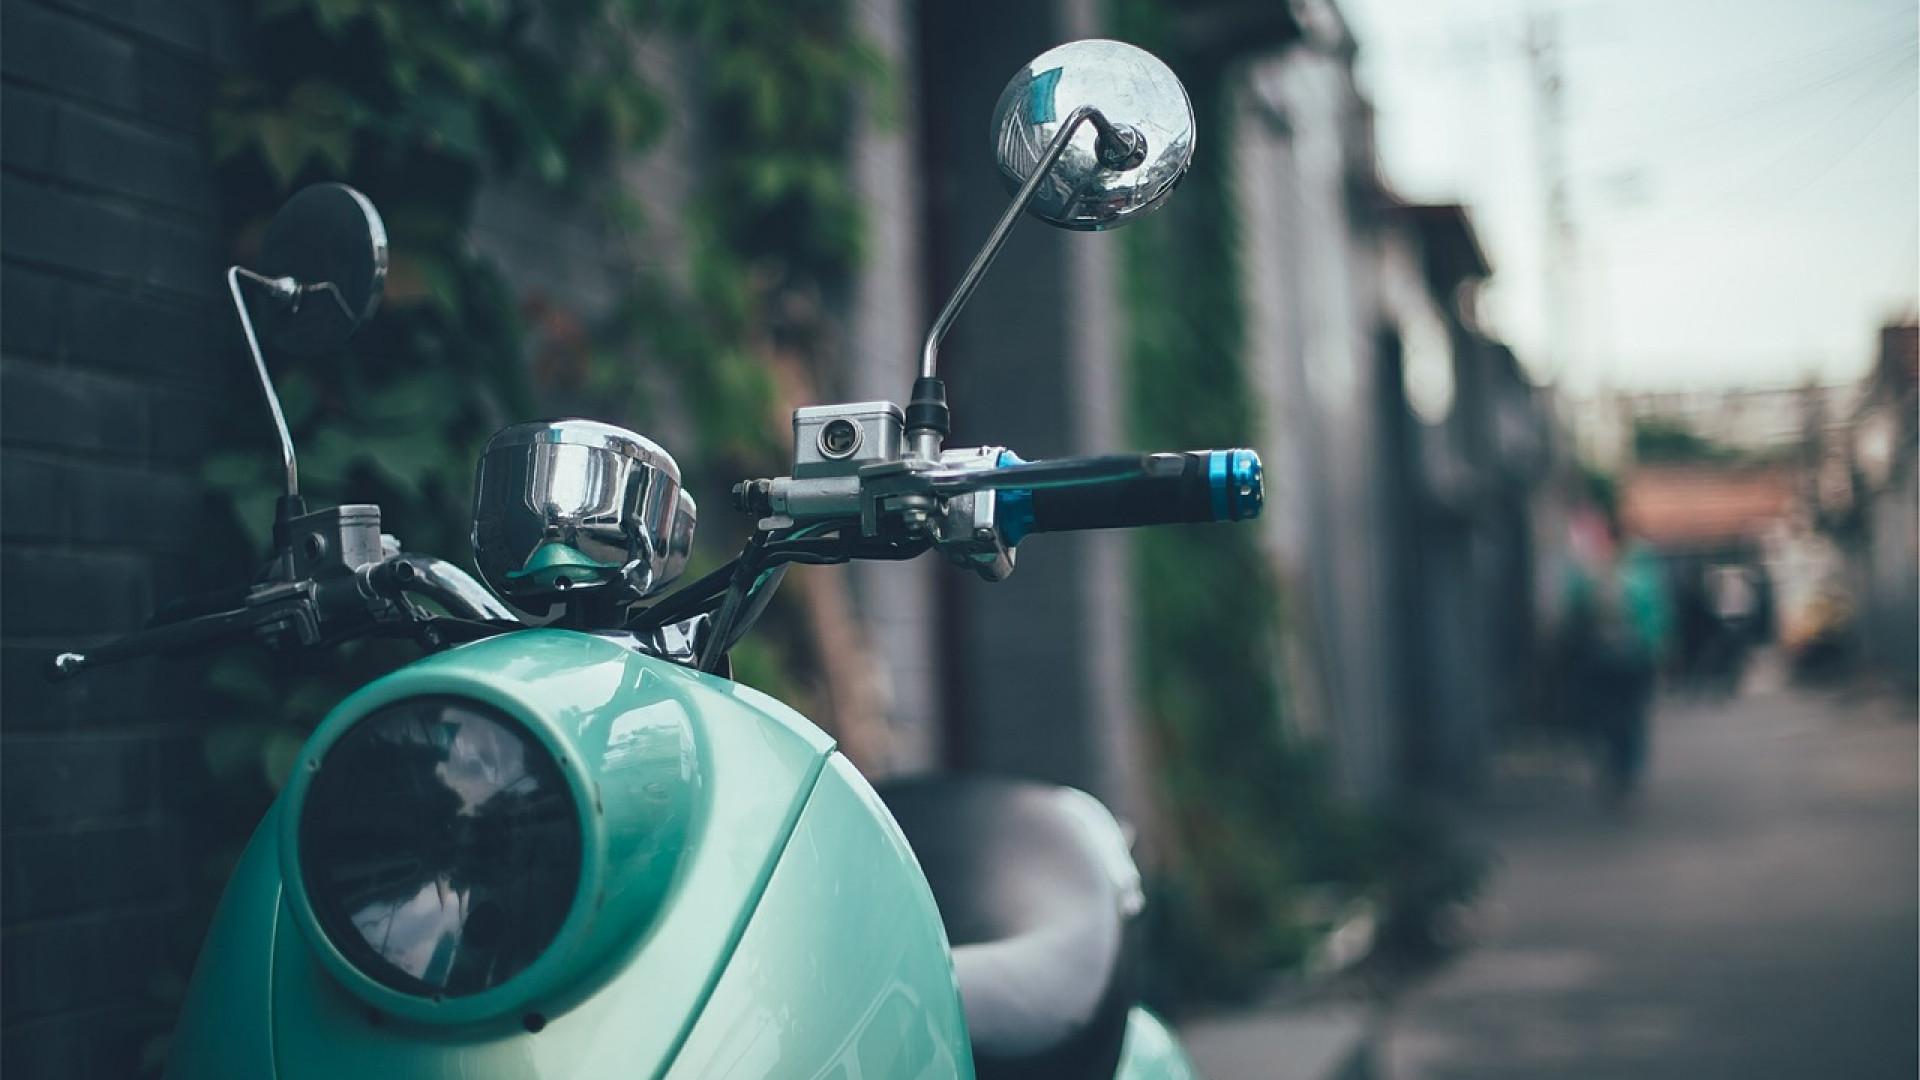 Le scooter électrique 50cc au profit de la mobilité douce